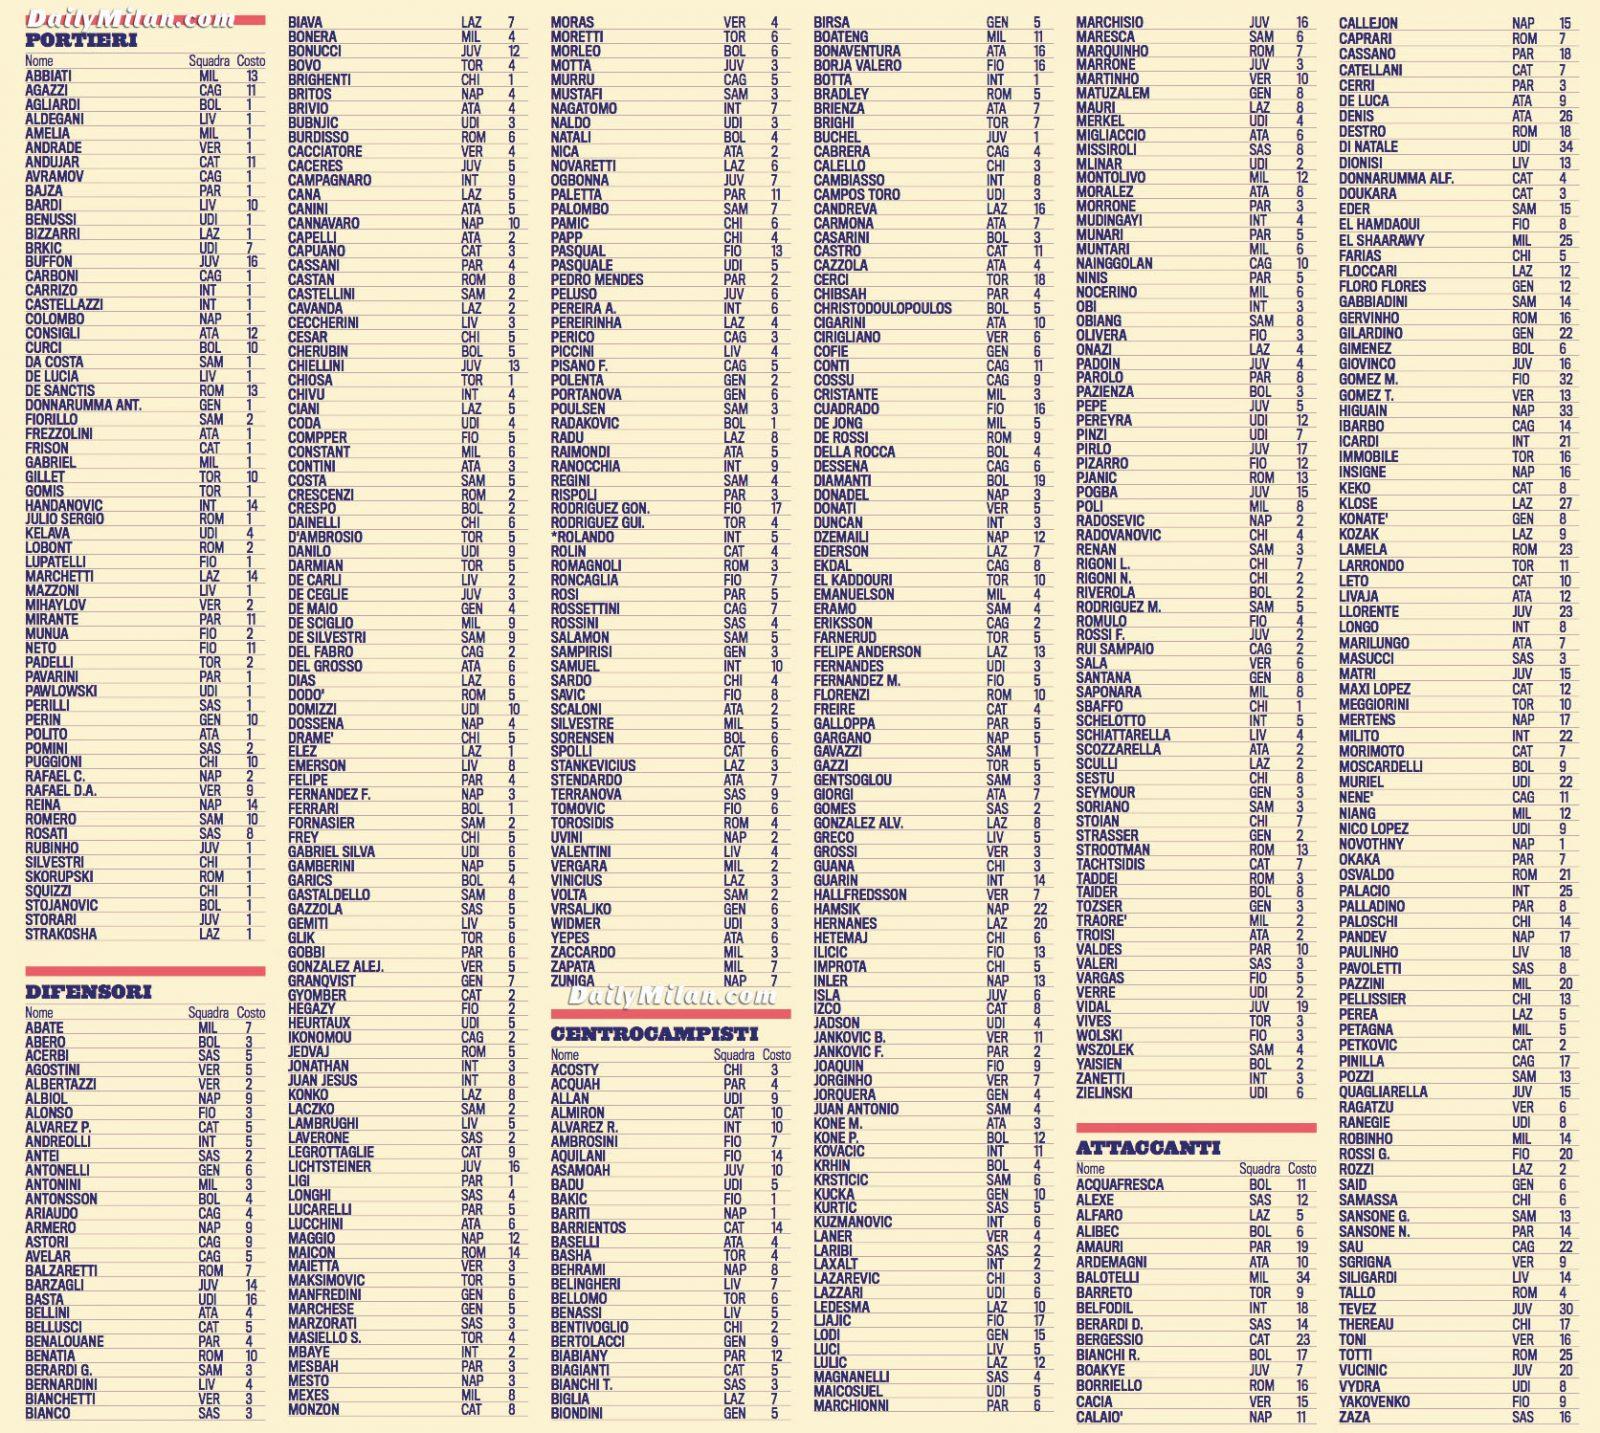 Todos los futbolistas del Calcio y su valor de mercado (gráfico)